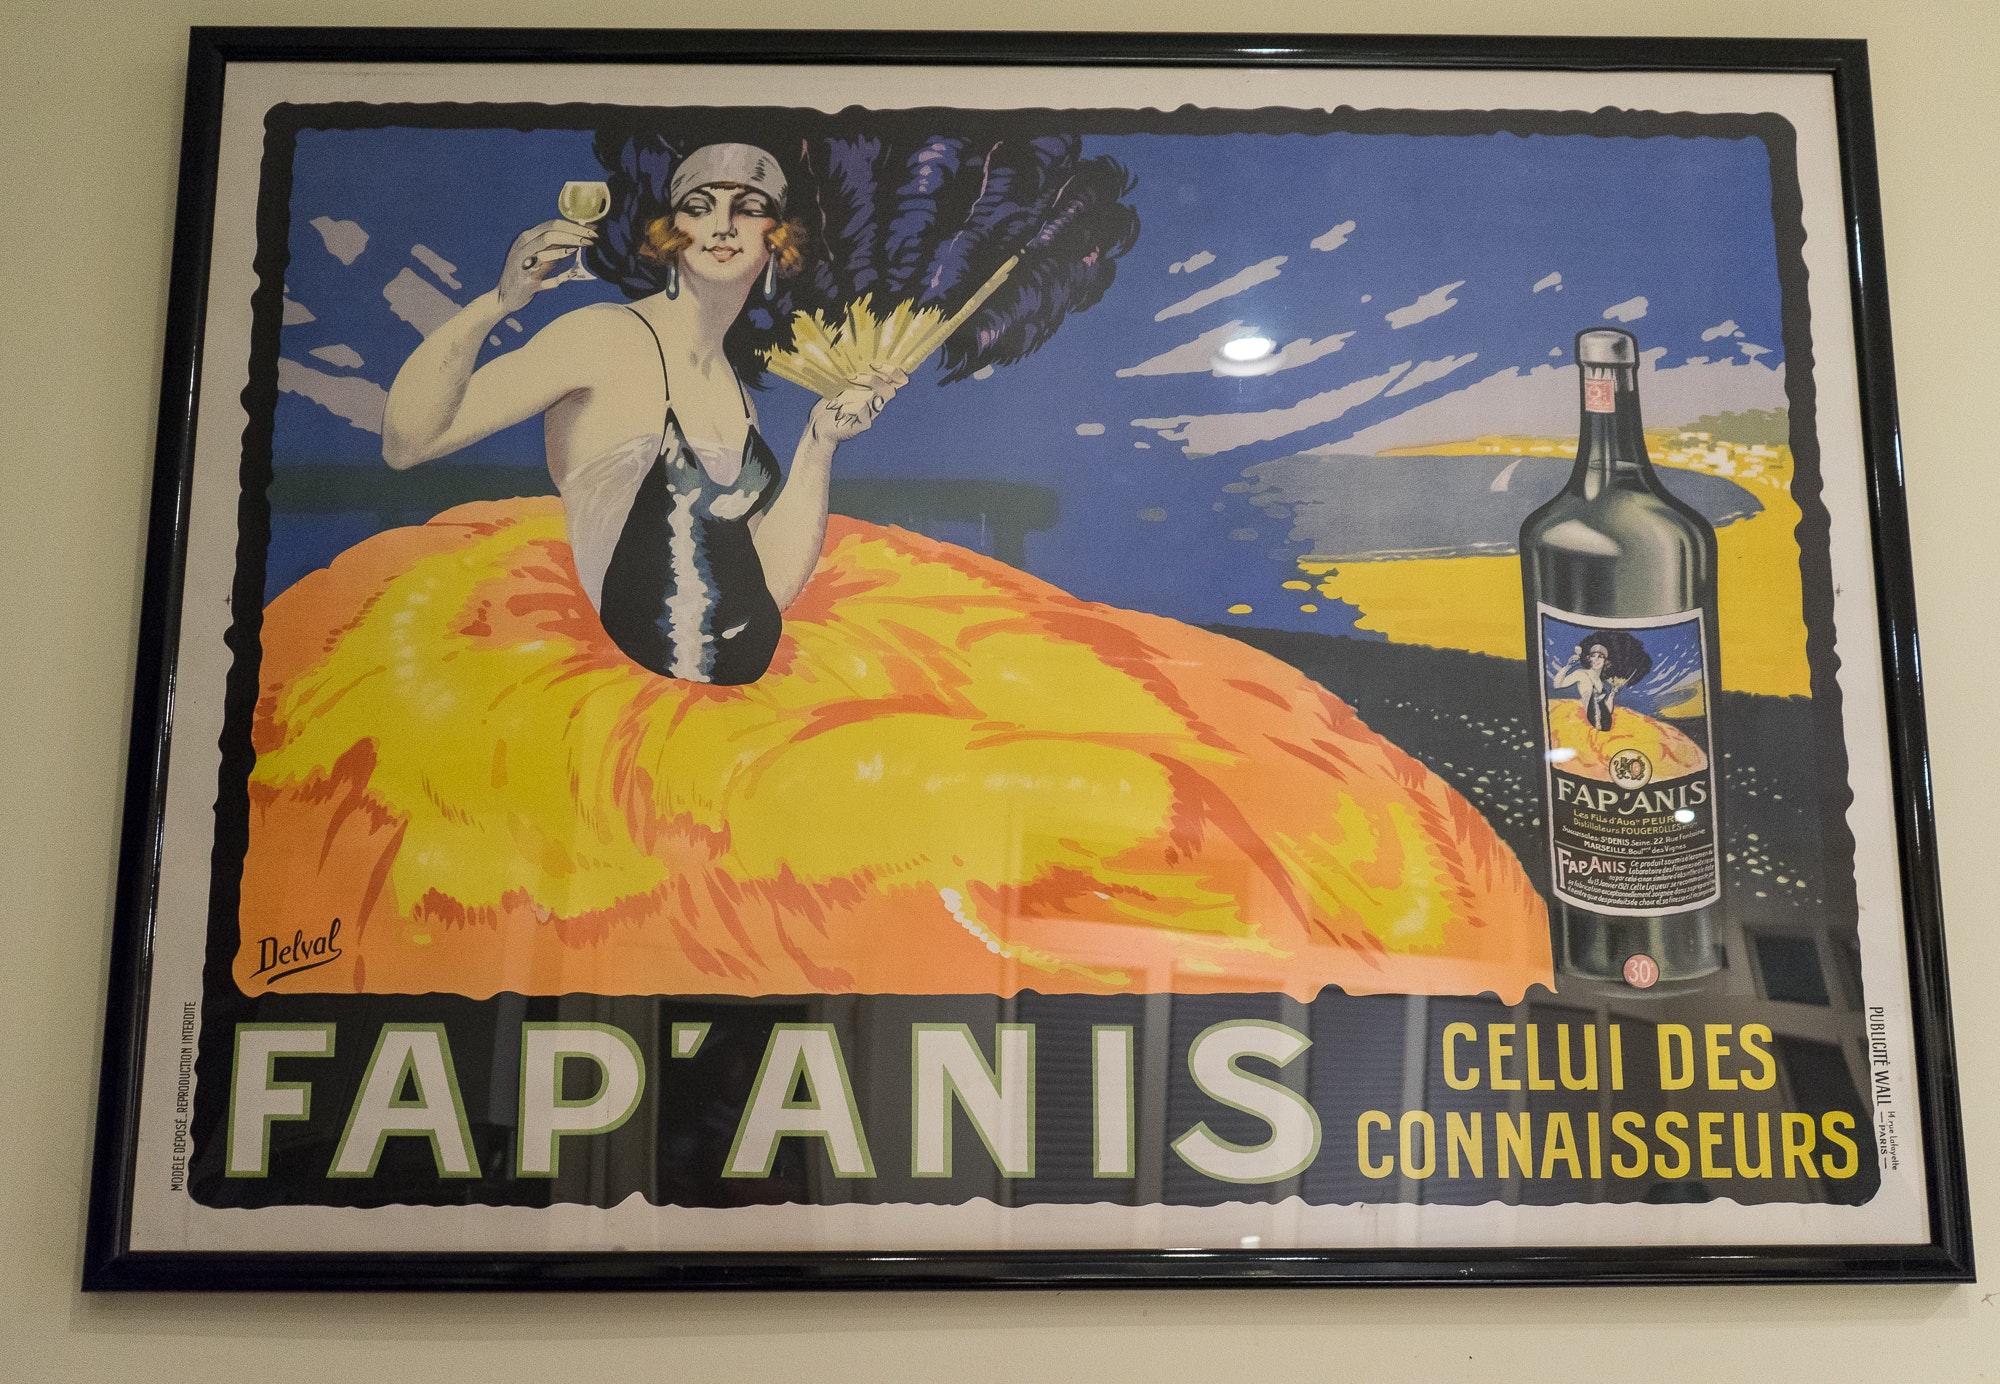 Circa 1920s Lithograph Poster for Fap'Anis Apéritif